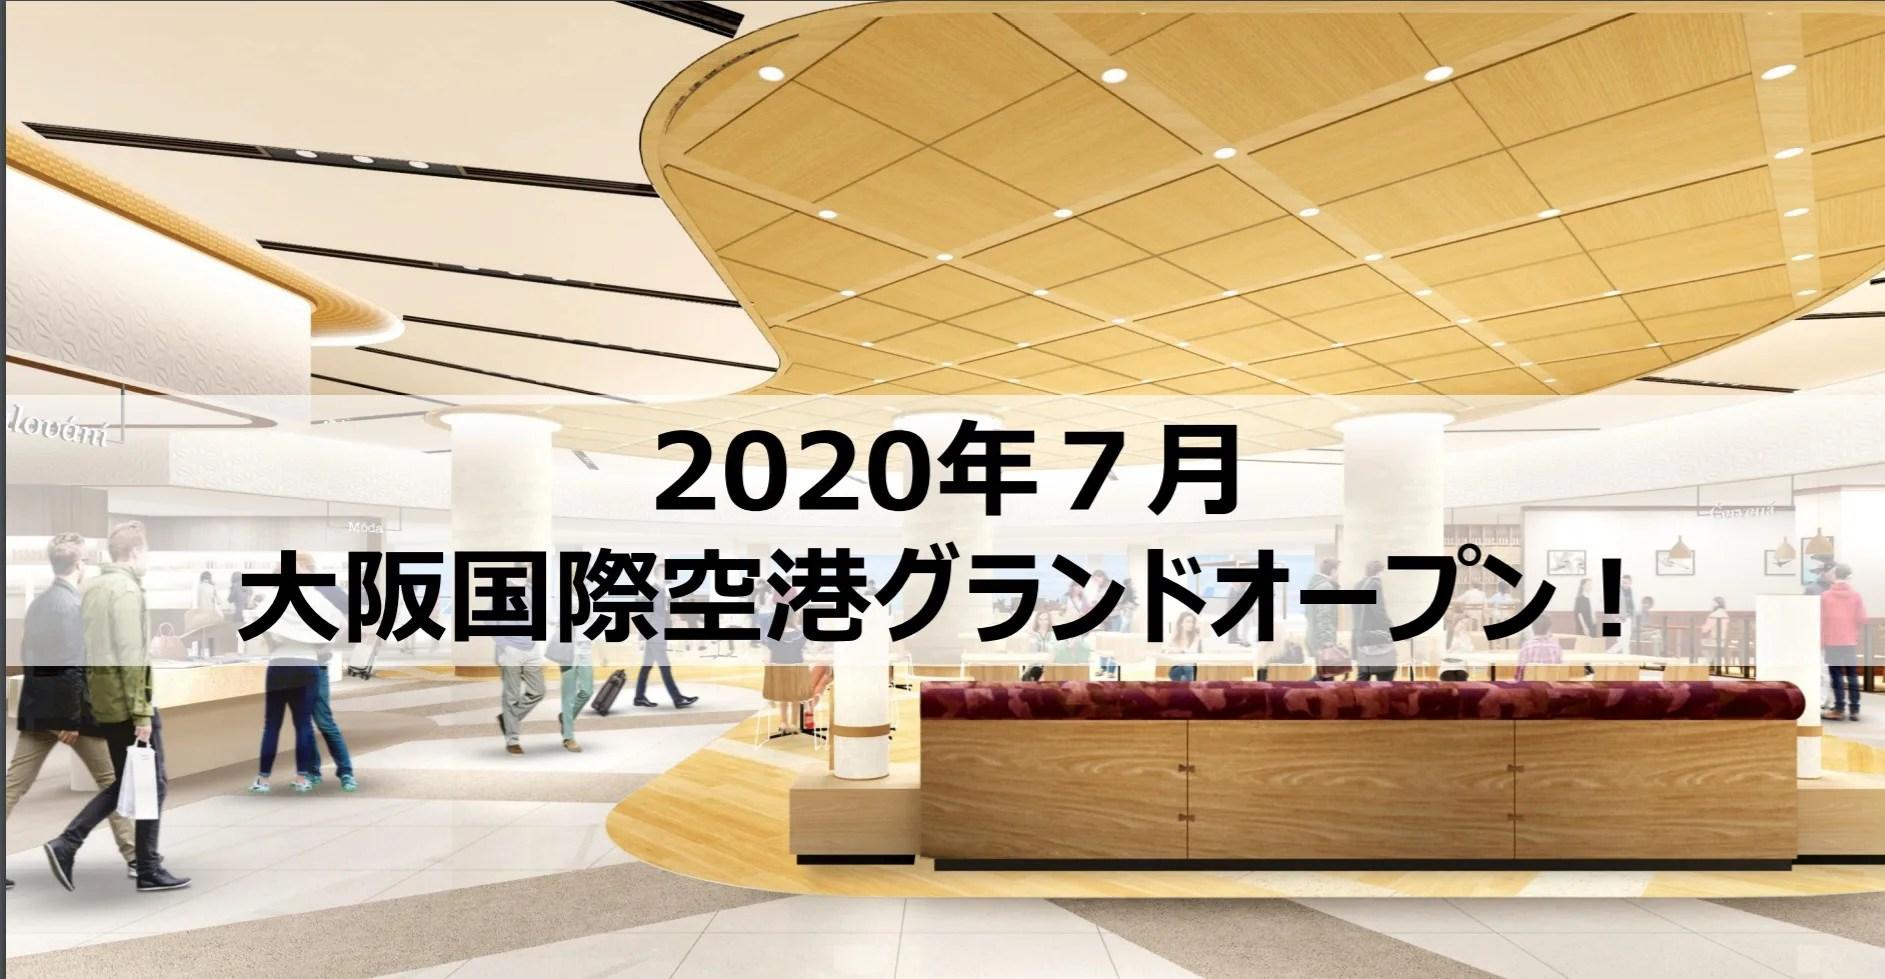 2020年7月伊丹空港全館リニューアルオープン(新店舗と改修のポイント紹介)